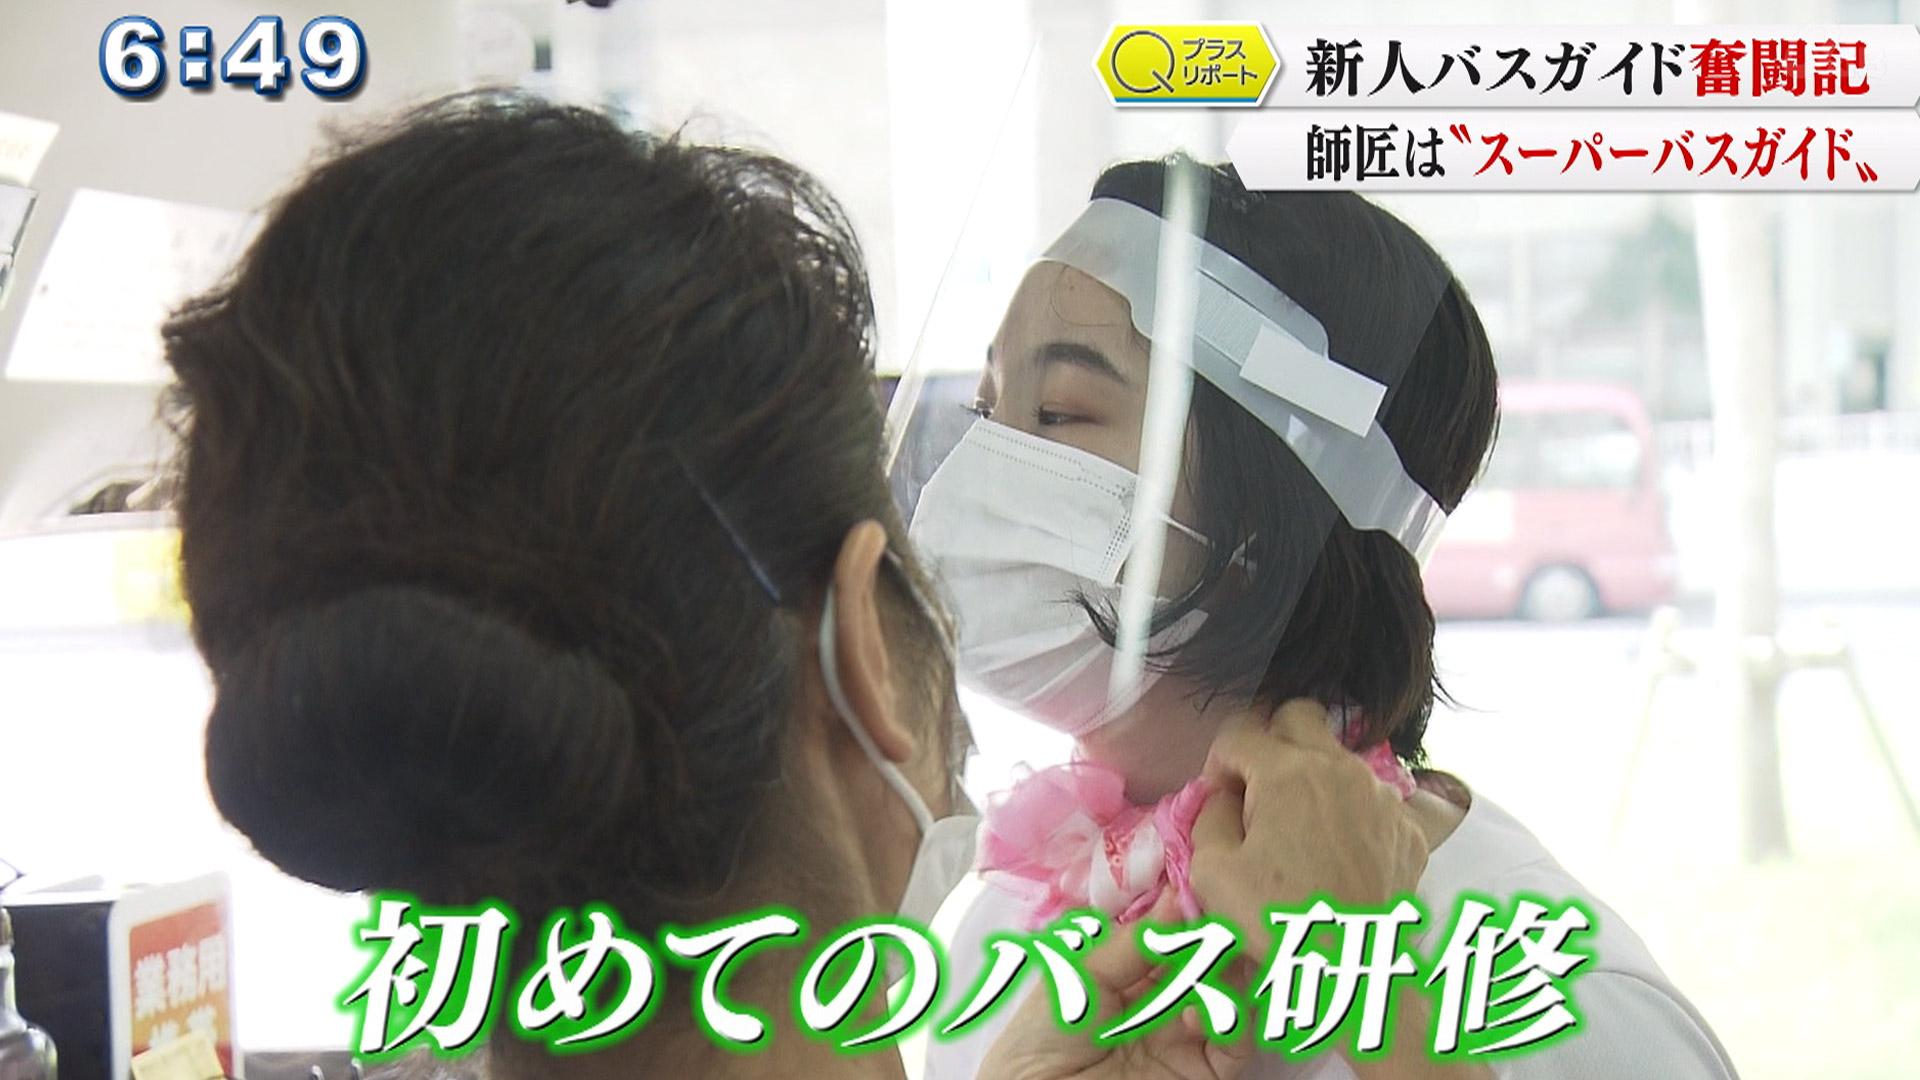 Qプラスリポート 新人バスガイド奮闘記!師匠はスーパーバスガイド!